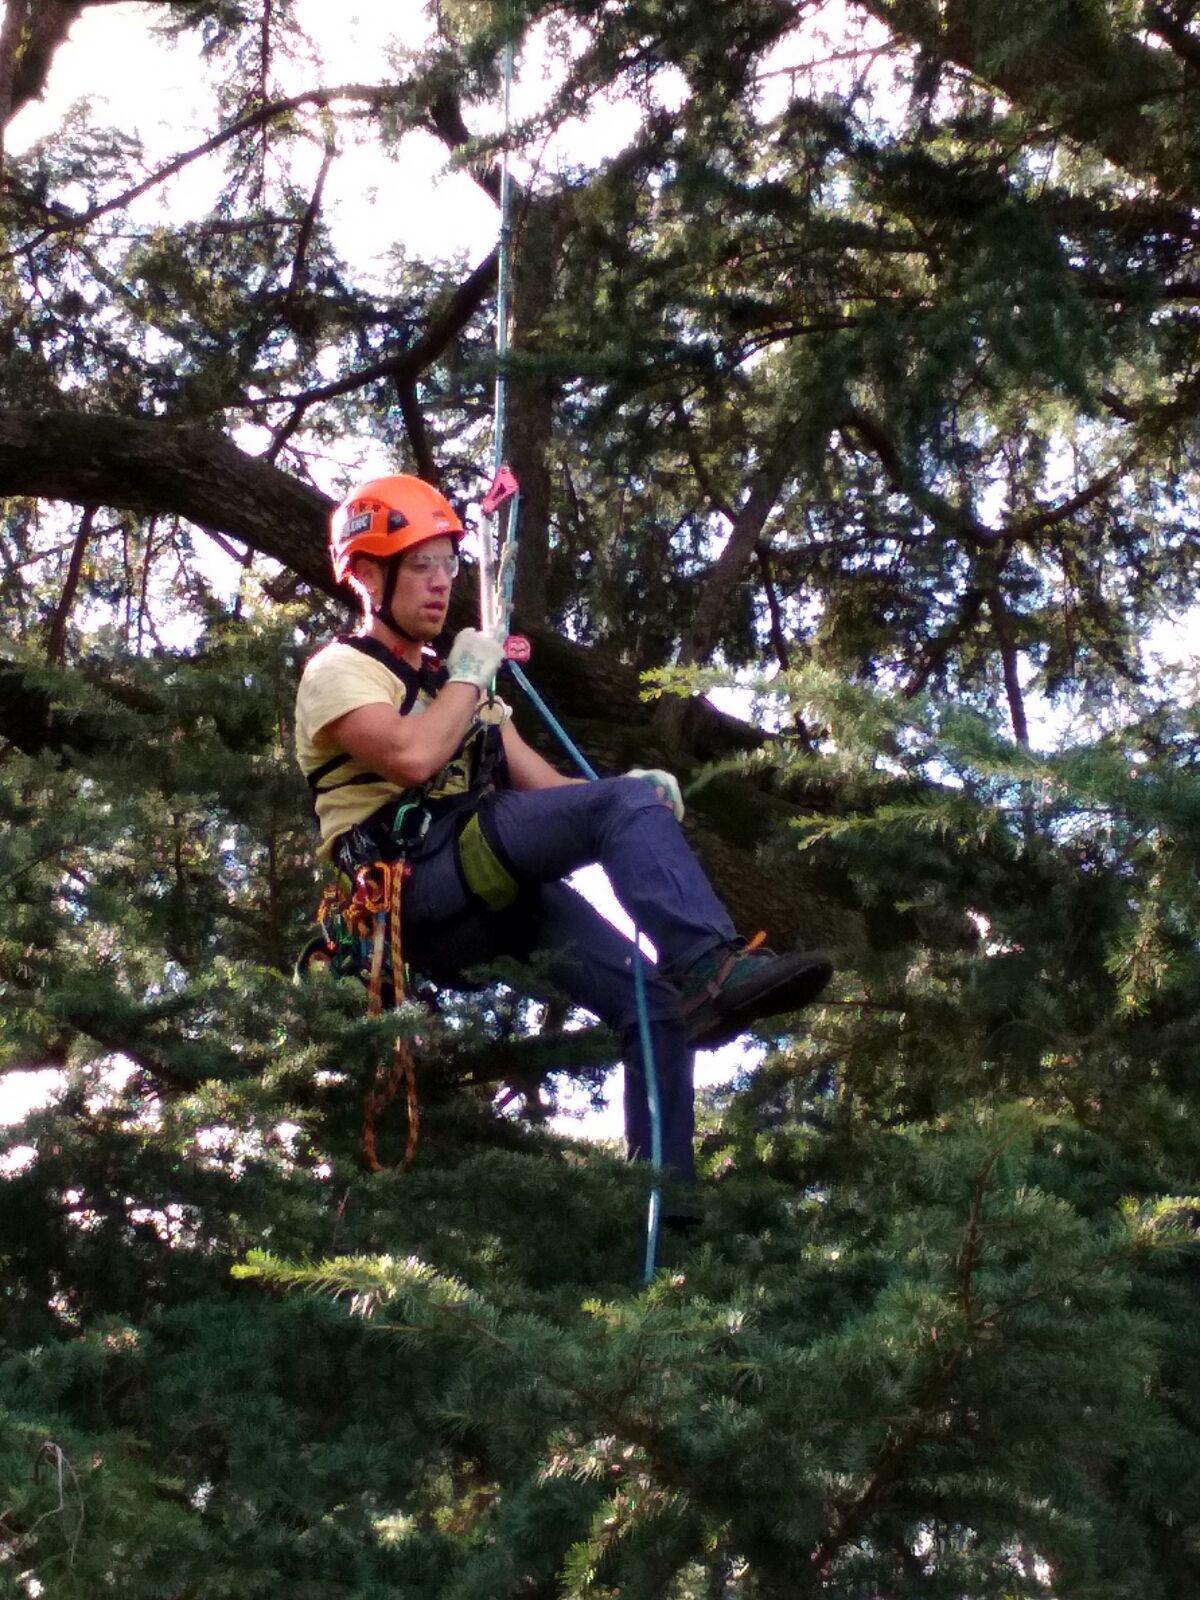 Tobias Pelli & Pellenc al primo posto nel tree climbing!